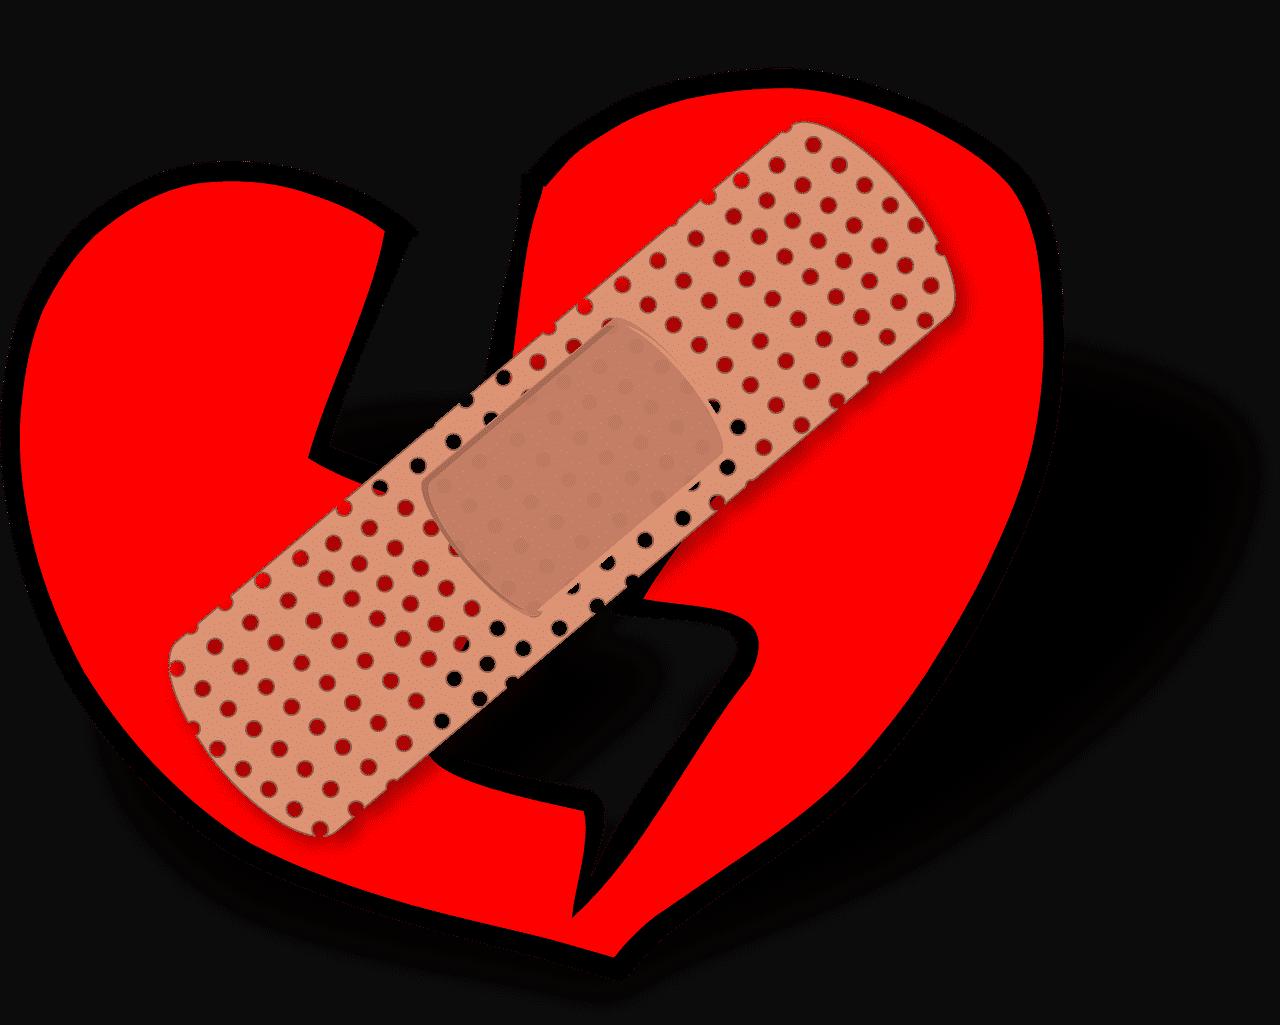 Liebeskummer überwinden - die Zeit heilt alle Wunden